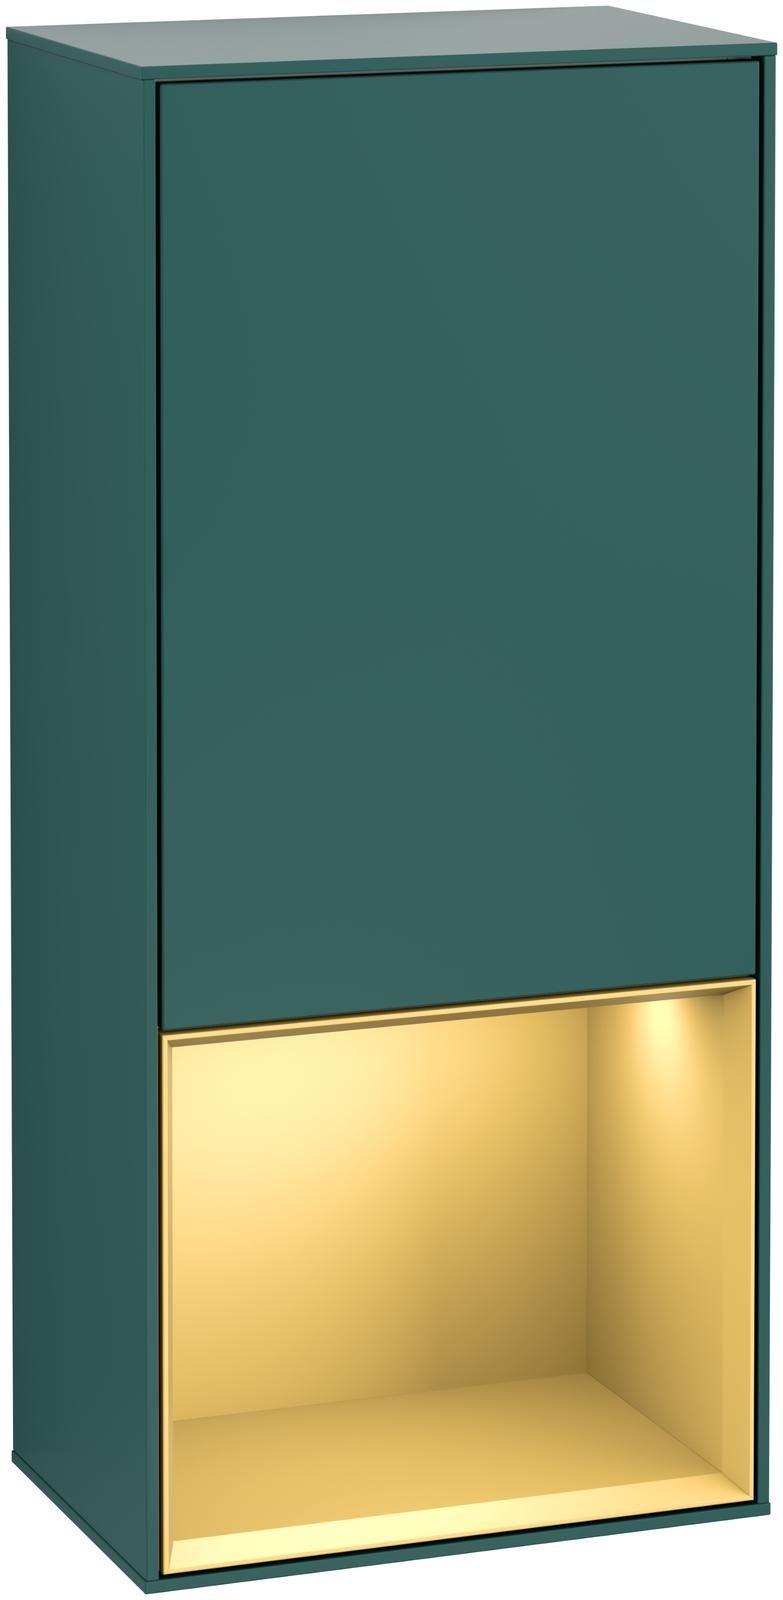 Villeroy & Boch Finion G55 Seitenschrank mit Regalelement 1 Tür Anschlag rechts LED-Beleuchtung B:41,8xH:93,6xT:27cm Front, Korpus: Cedar, Regal: Gold Matt G550HFGS